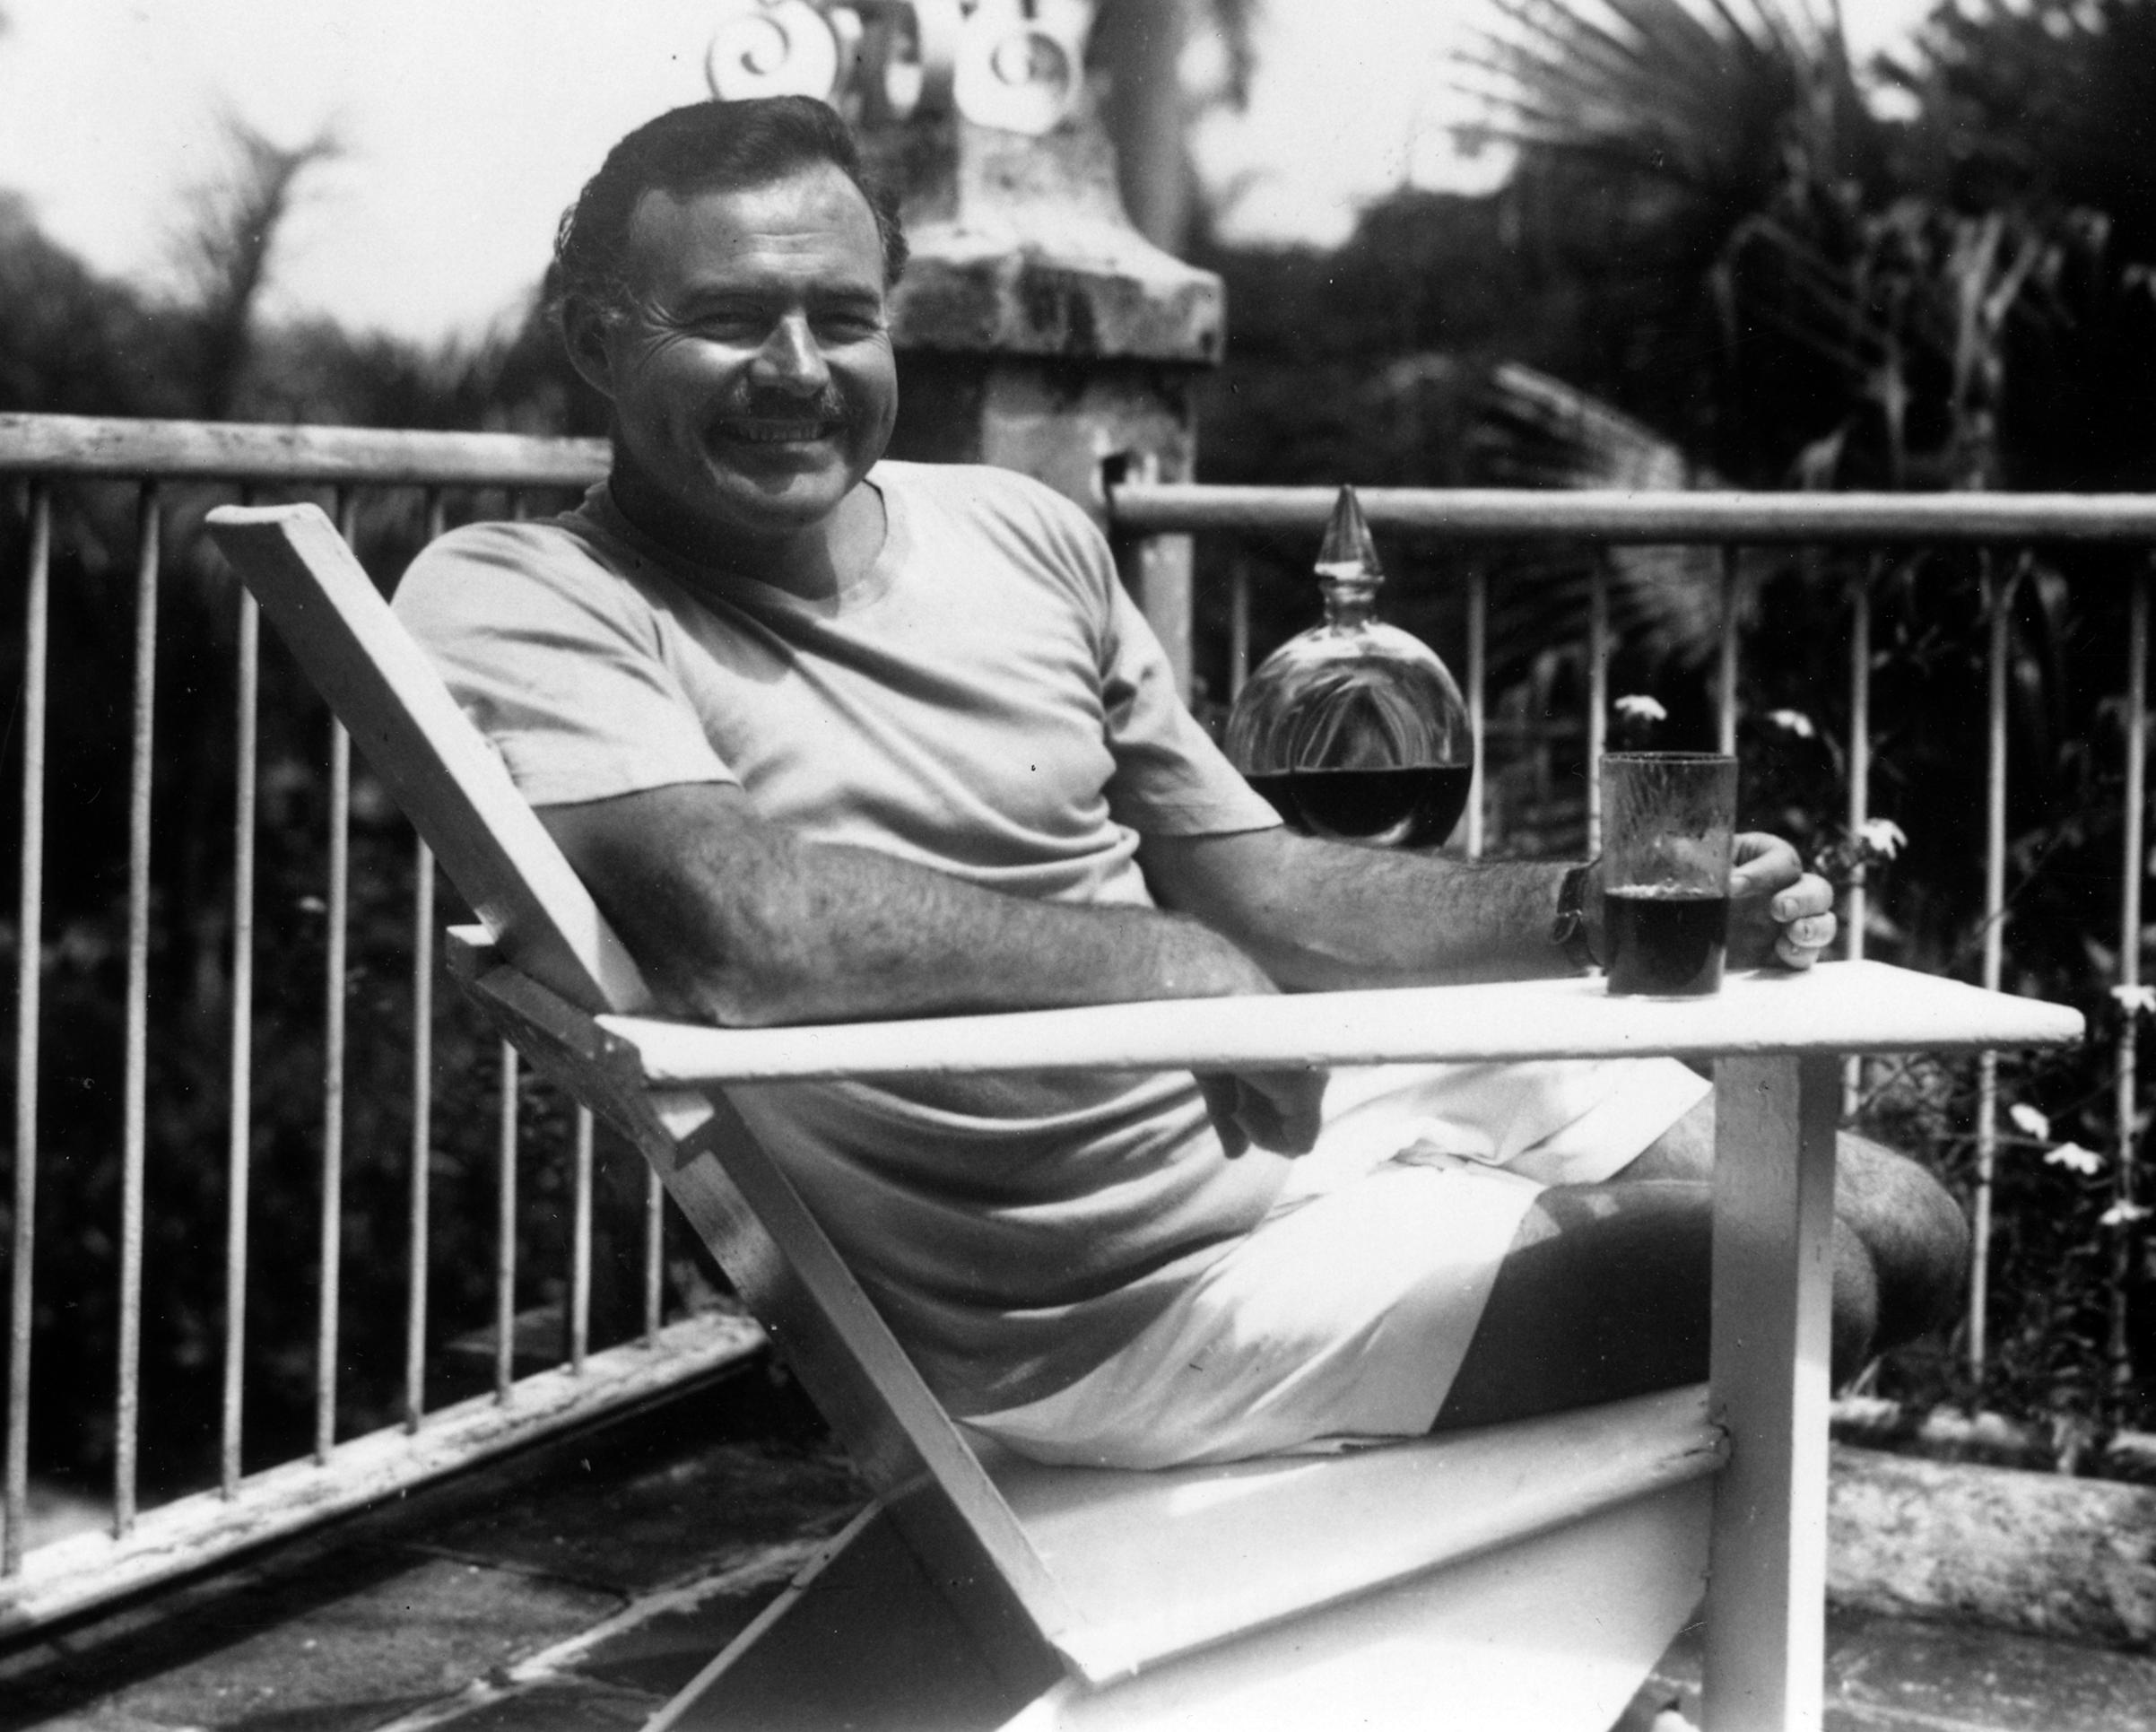 Ernest_Hemingway_at_the_Finca_Vigia,_Cuba_1946